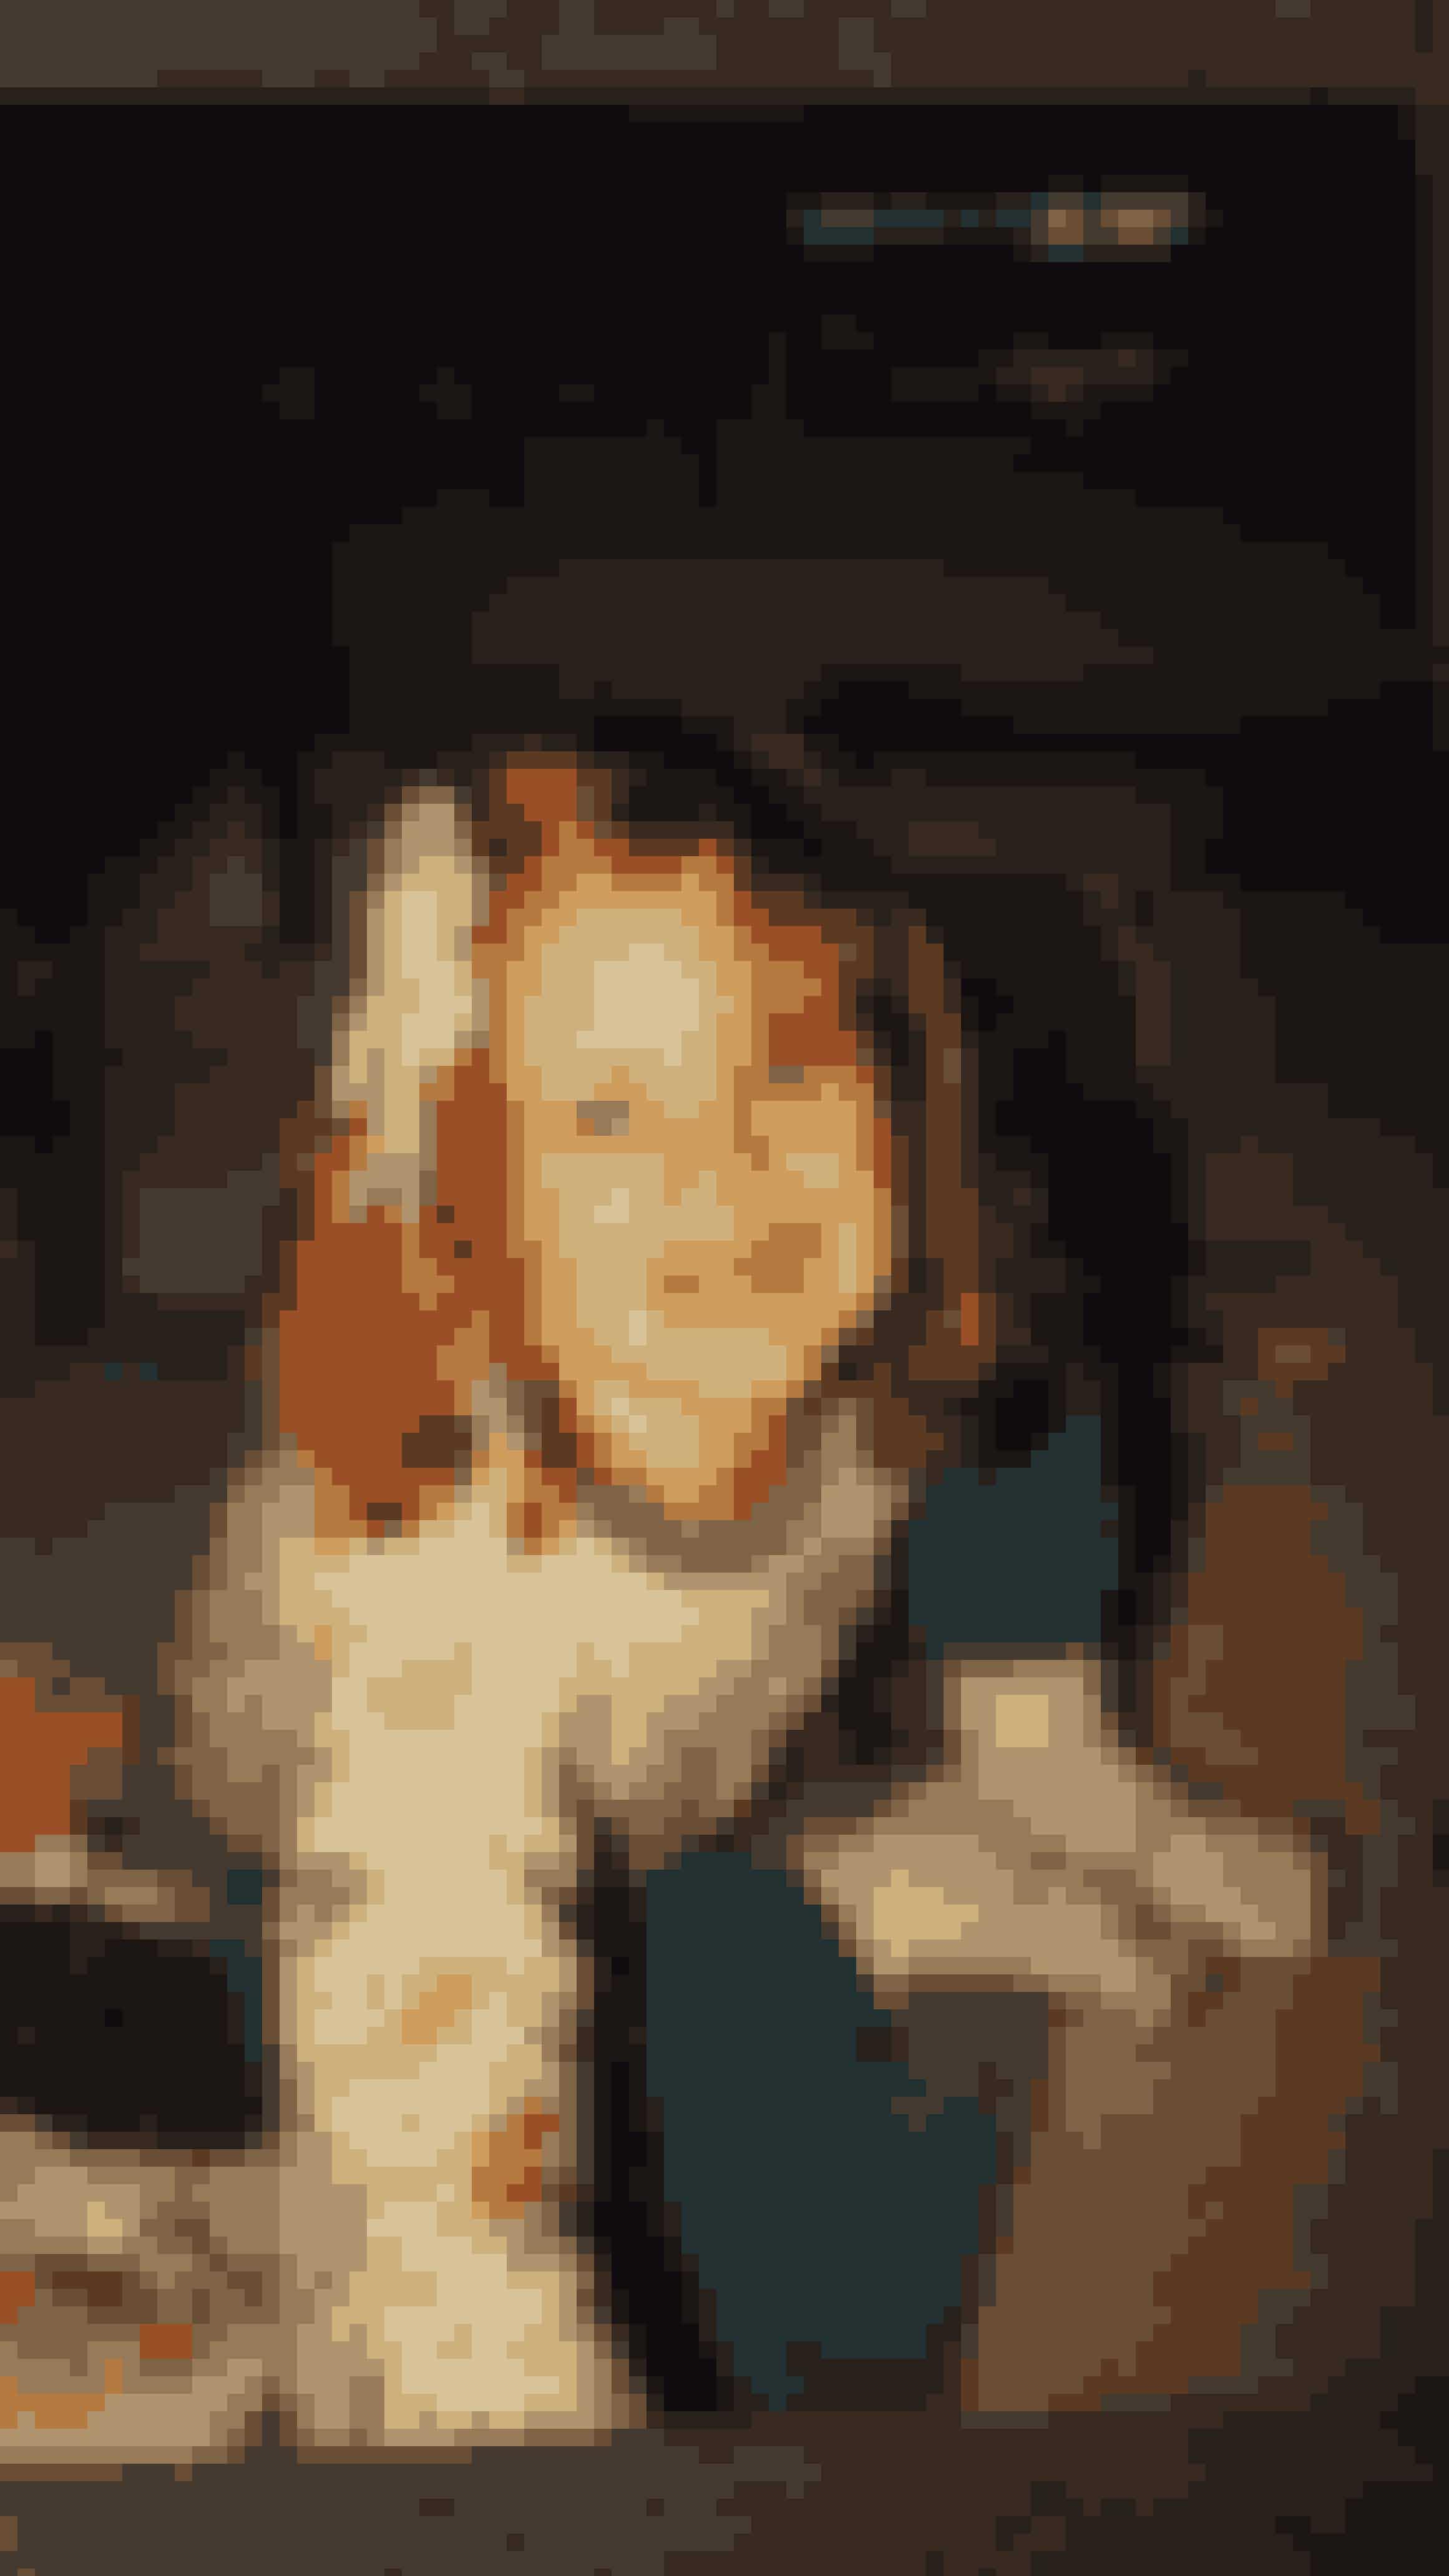 Nanna er i virkeligheden rødhåret. Men hun har ikke haft sin egen hårfarve siden hun mod sin mors vilje farvede hår som 12årig.